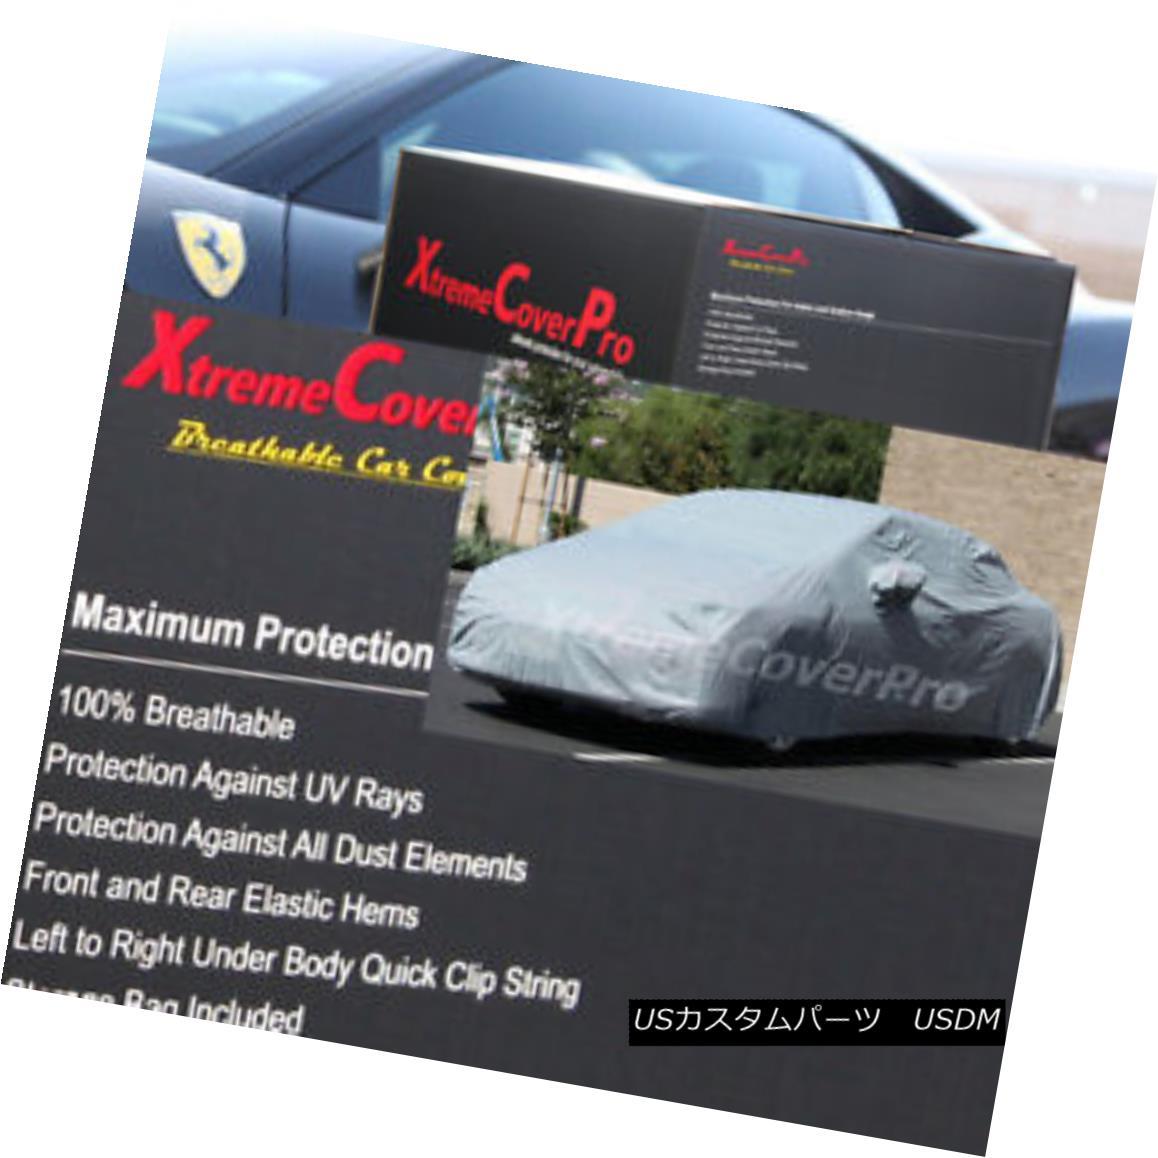 カーカバー 1988 1989 1990 Cadillac DeVille Breathable Car Cover w/MirrorPocket 1988年1989年1990年Cadillac DeVille通気性車カバー付き/ MirrorPocket